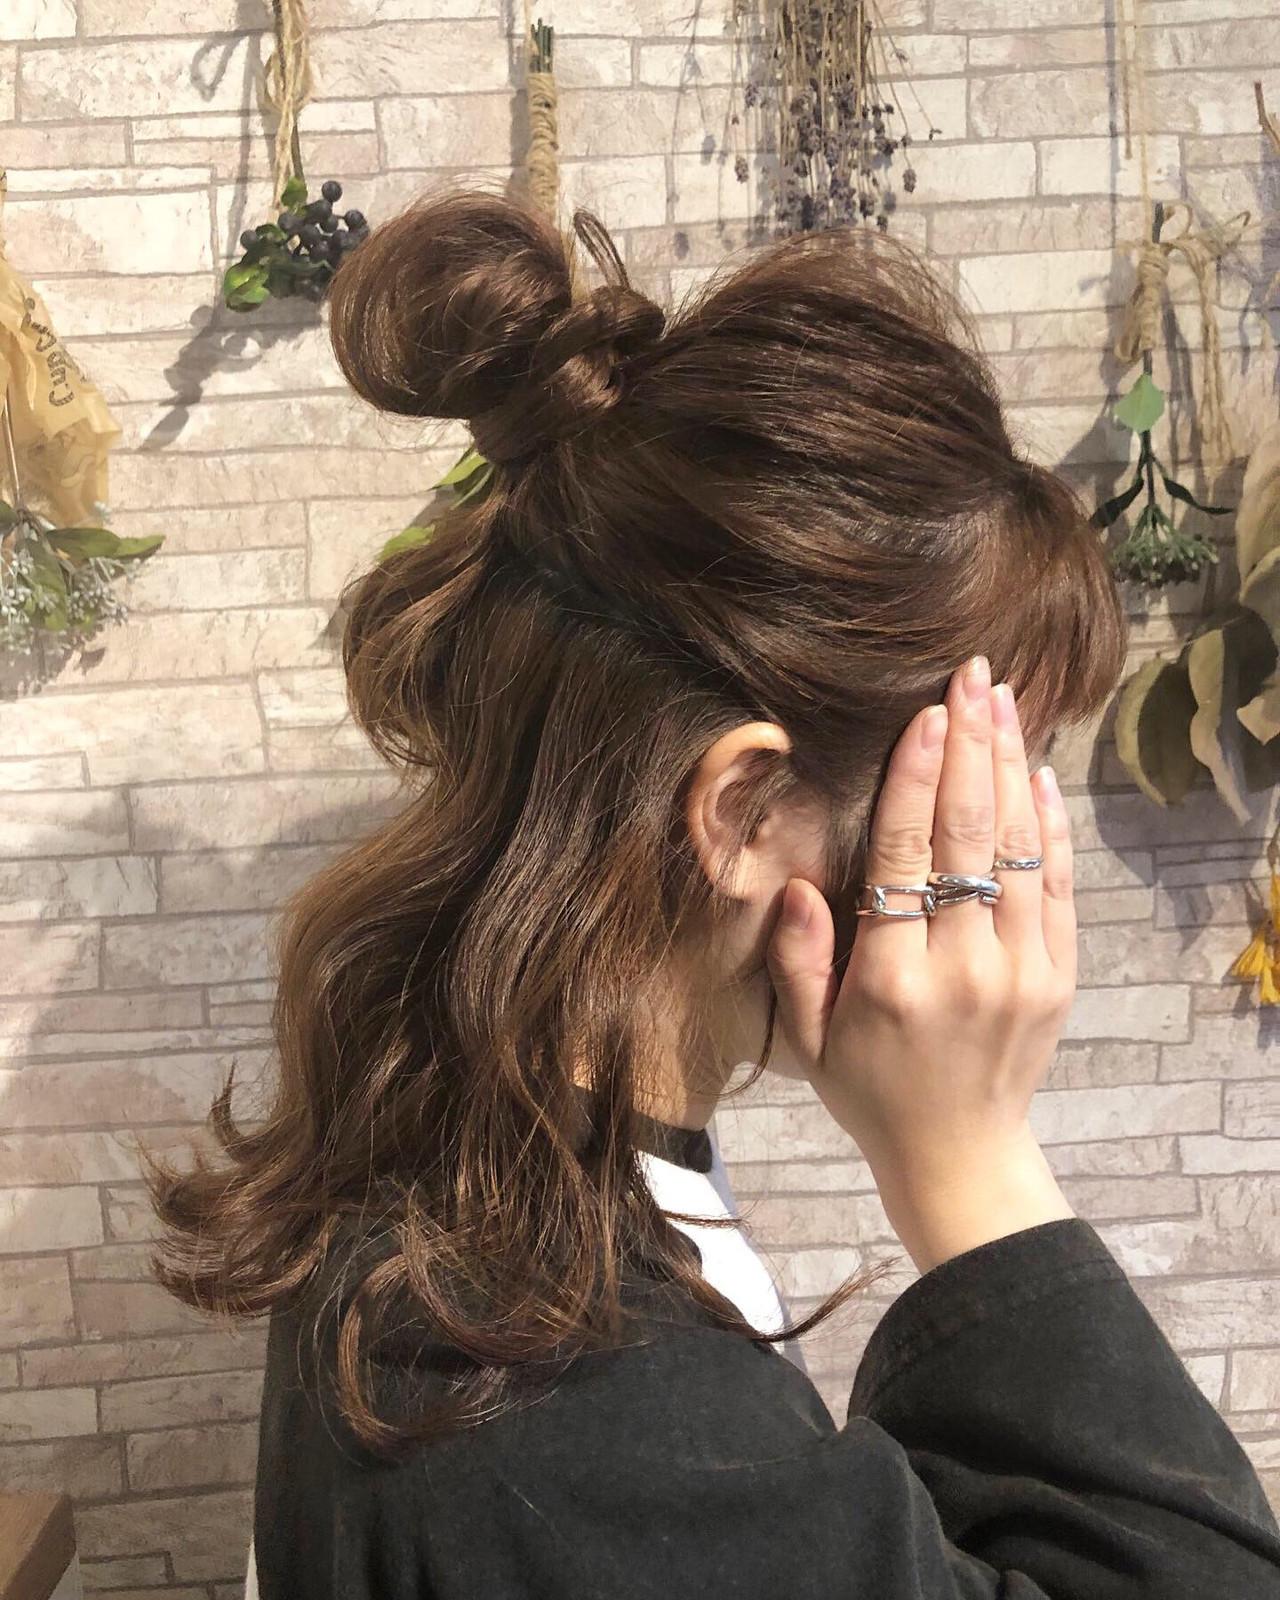 ガーリー セミロング お団子アレンジ ハーフアップ ヘアスタイルや髪型の写真・画像